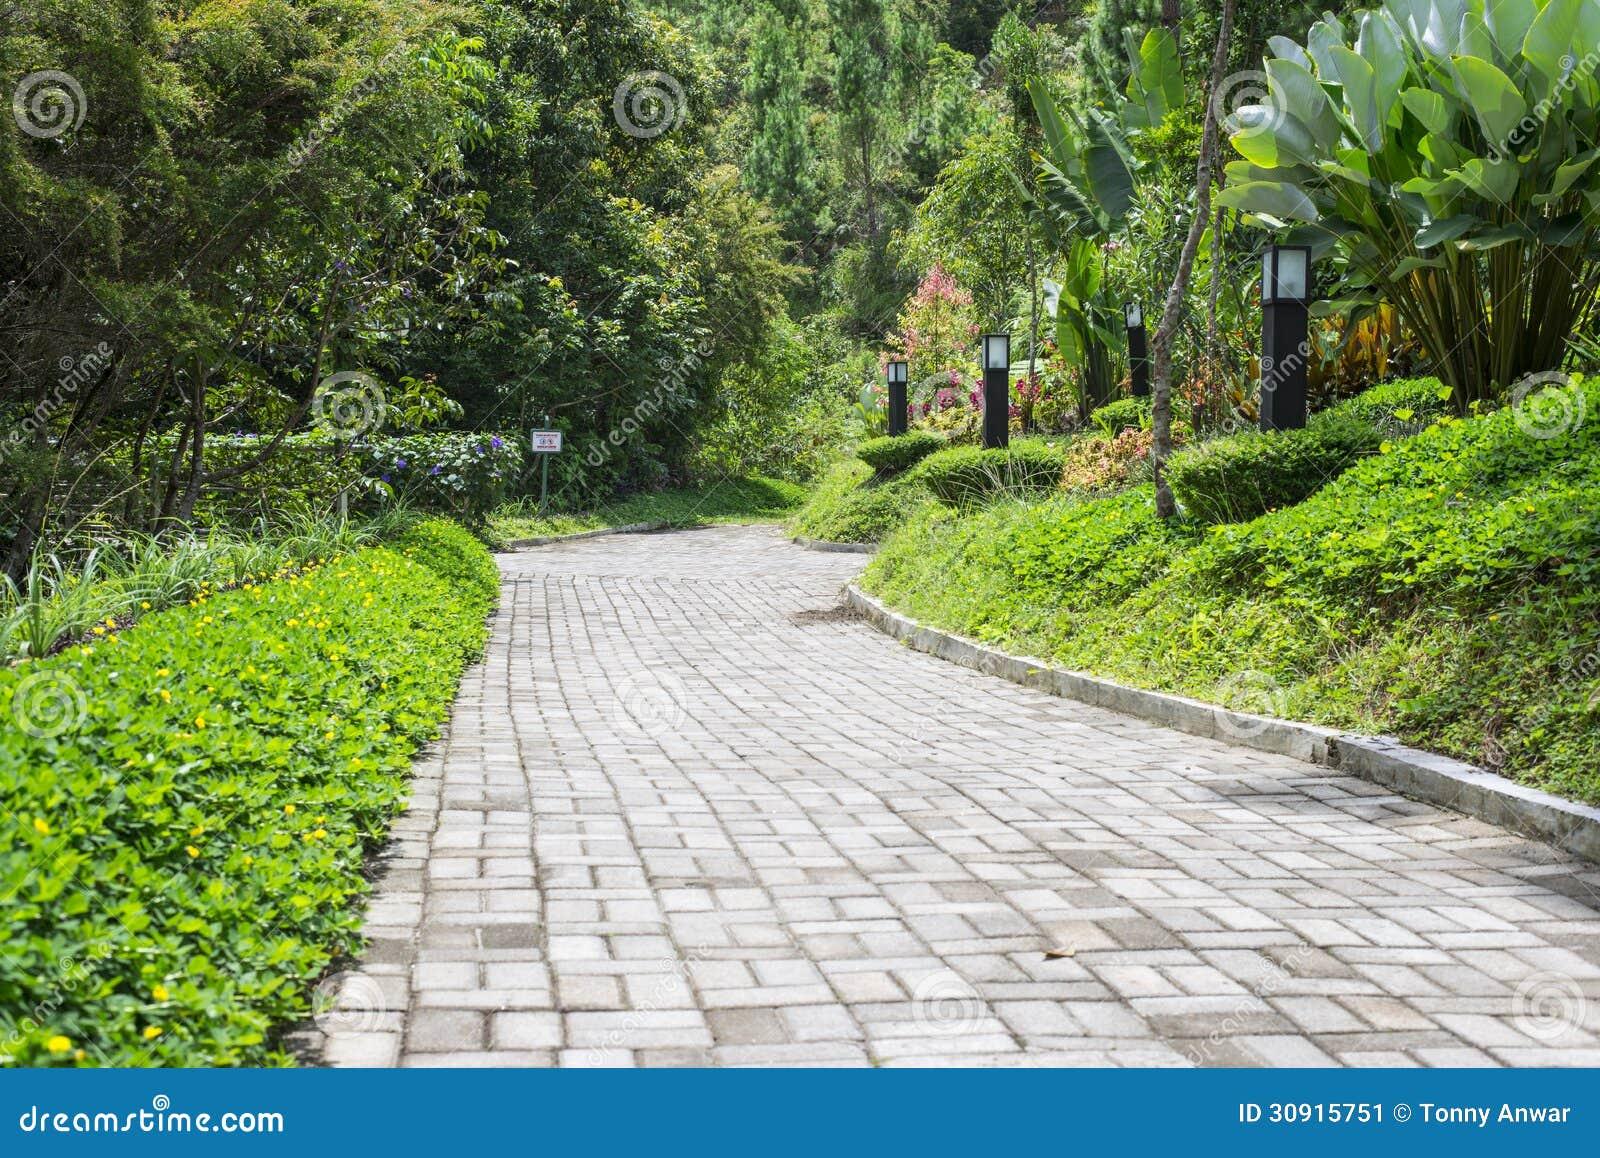 Garden Walkway Stock Image - Image: 30915751